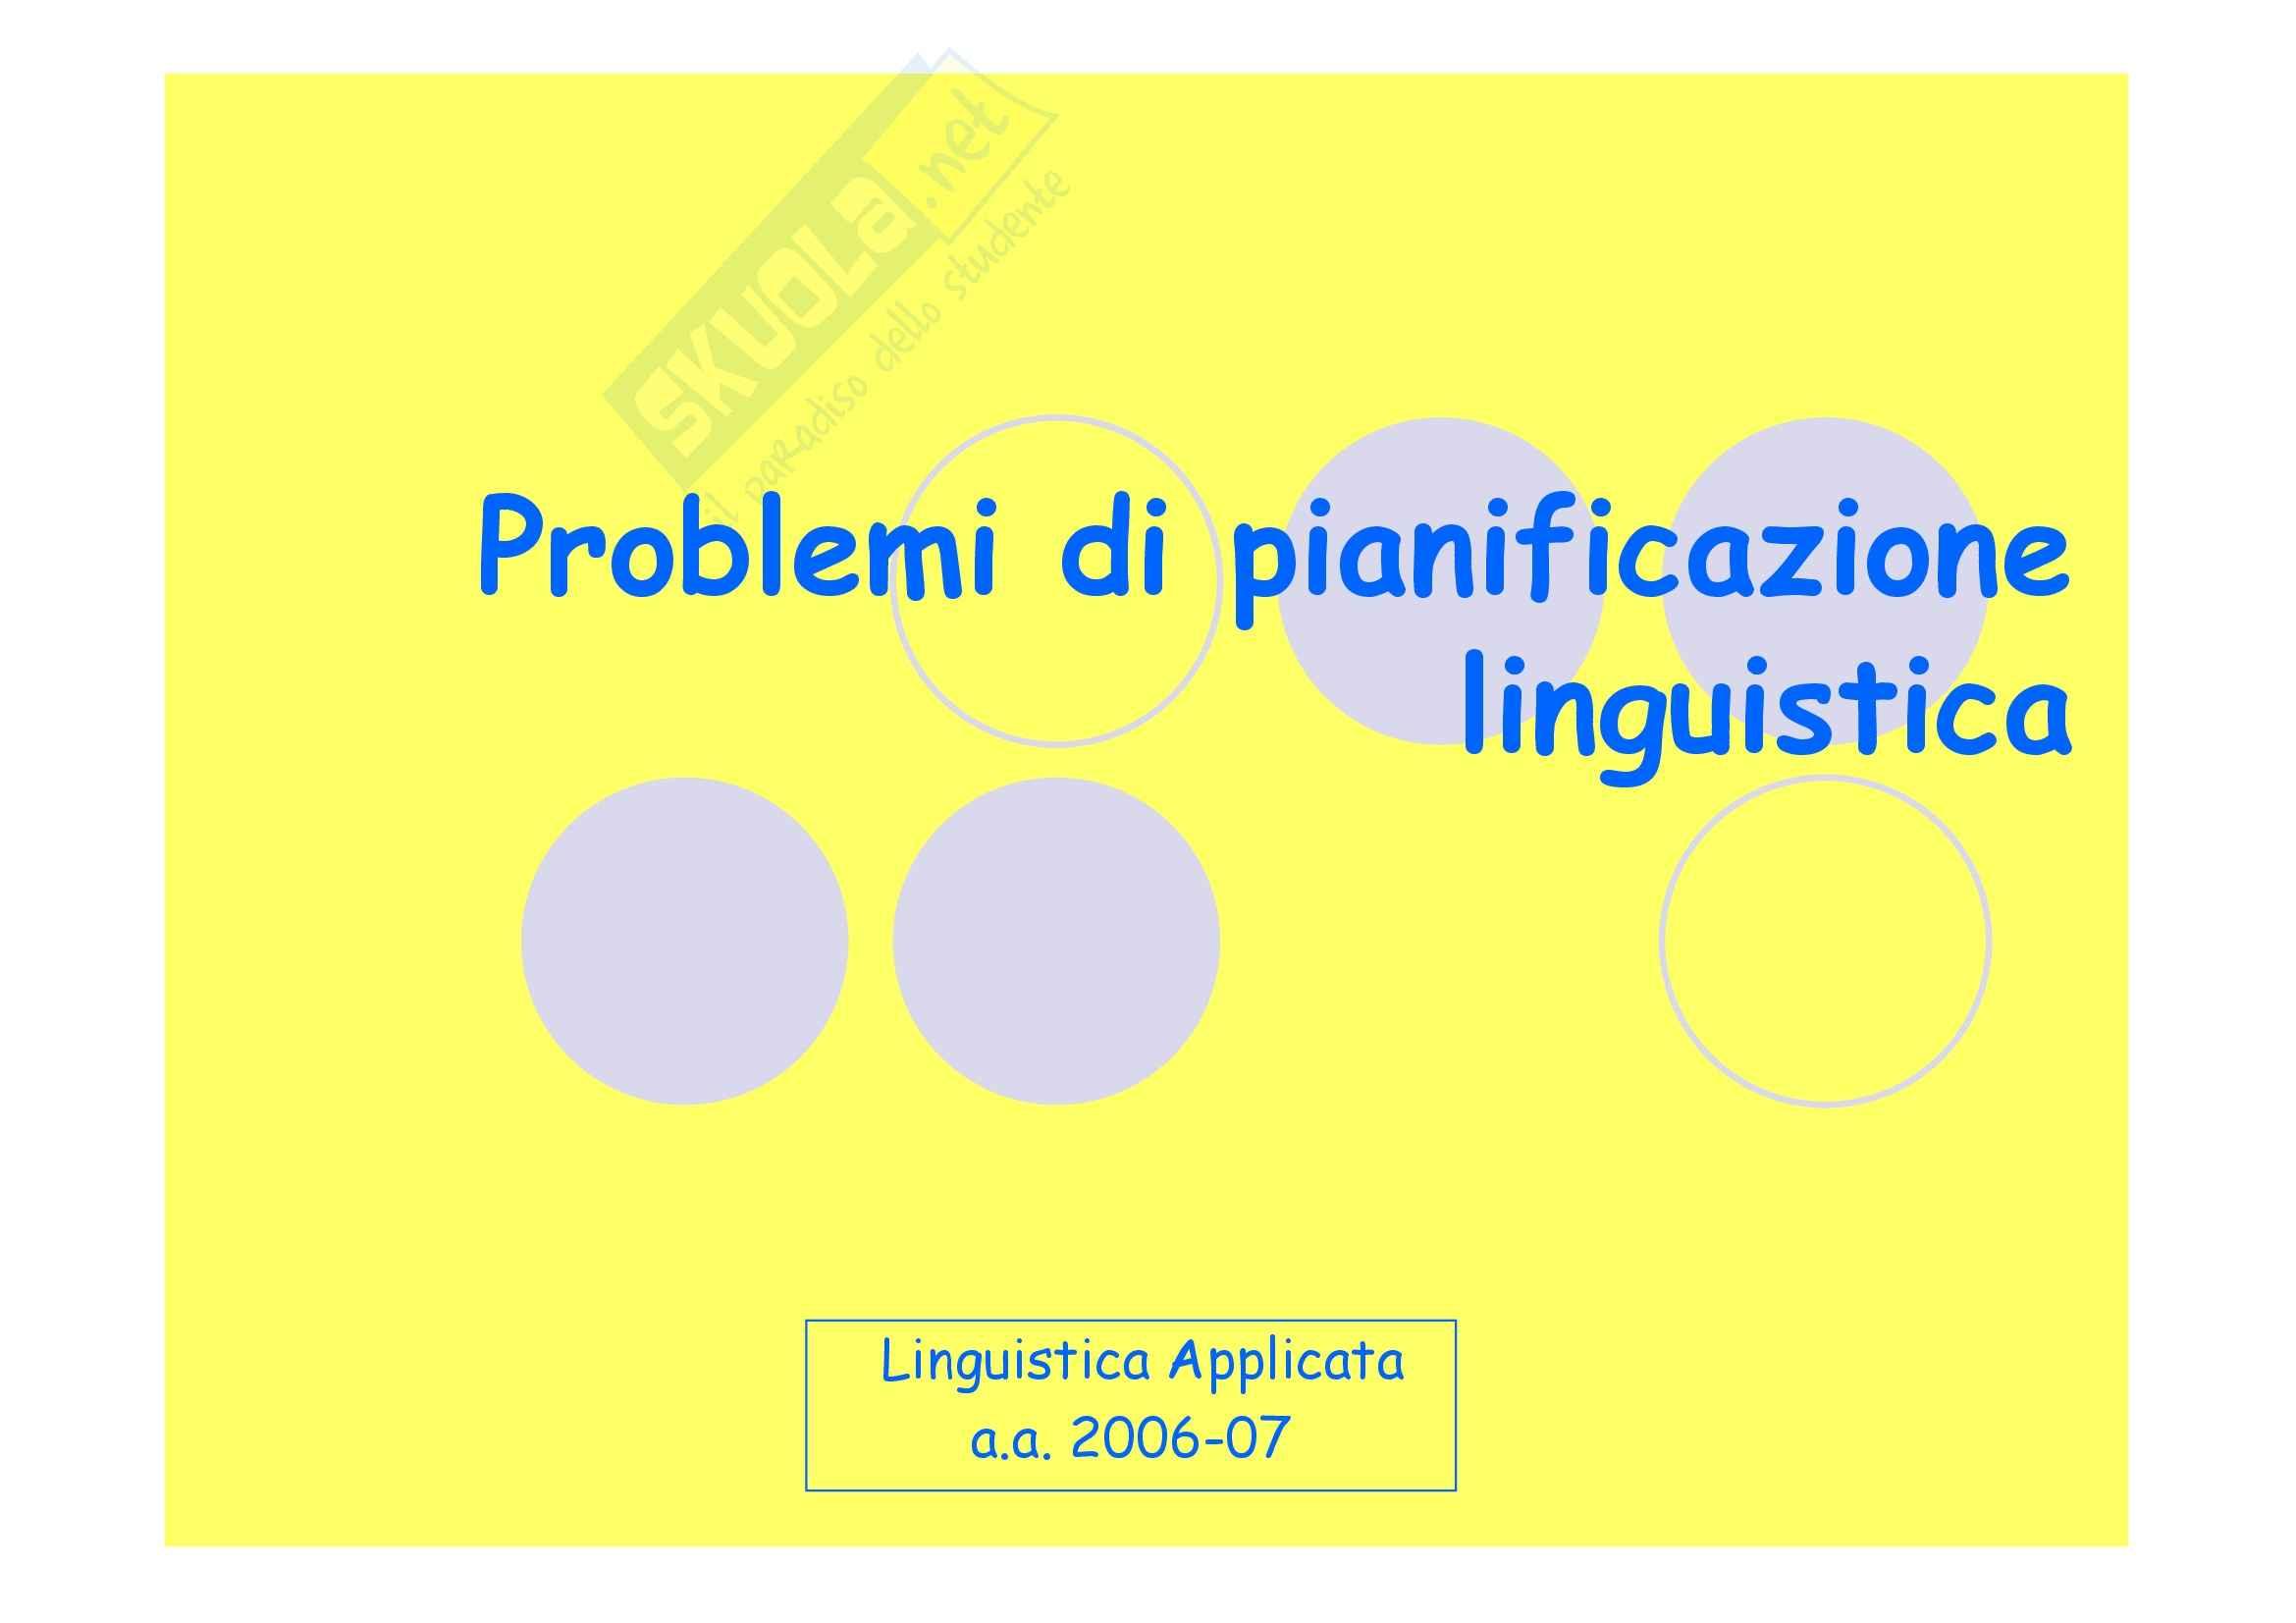 Linguistica applicata - la pianificazione linguistica